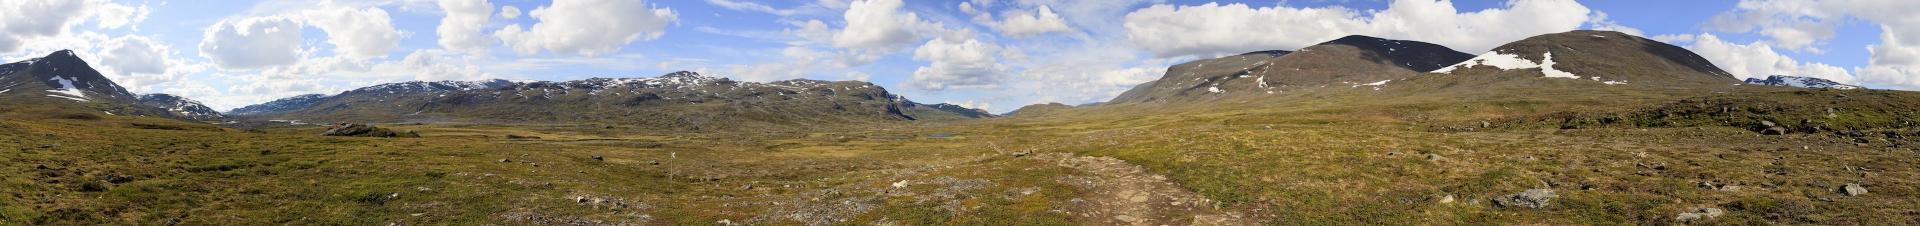 Panorama Blick von Tjäktja Richtung Alesjaure, von Westen nach Osten